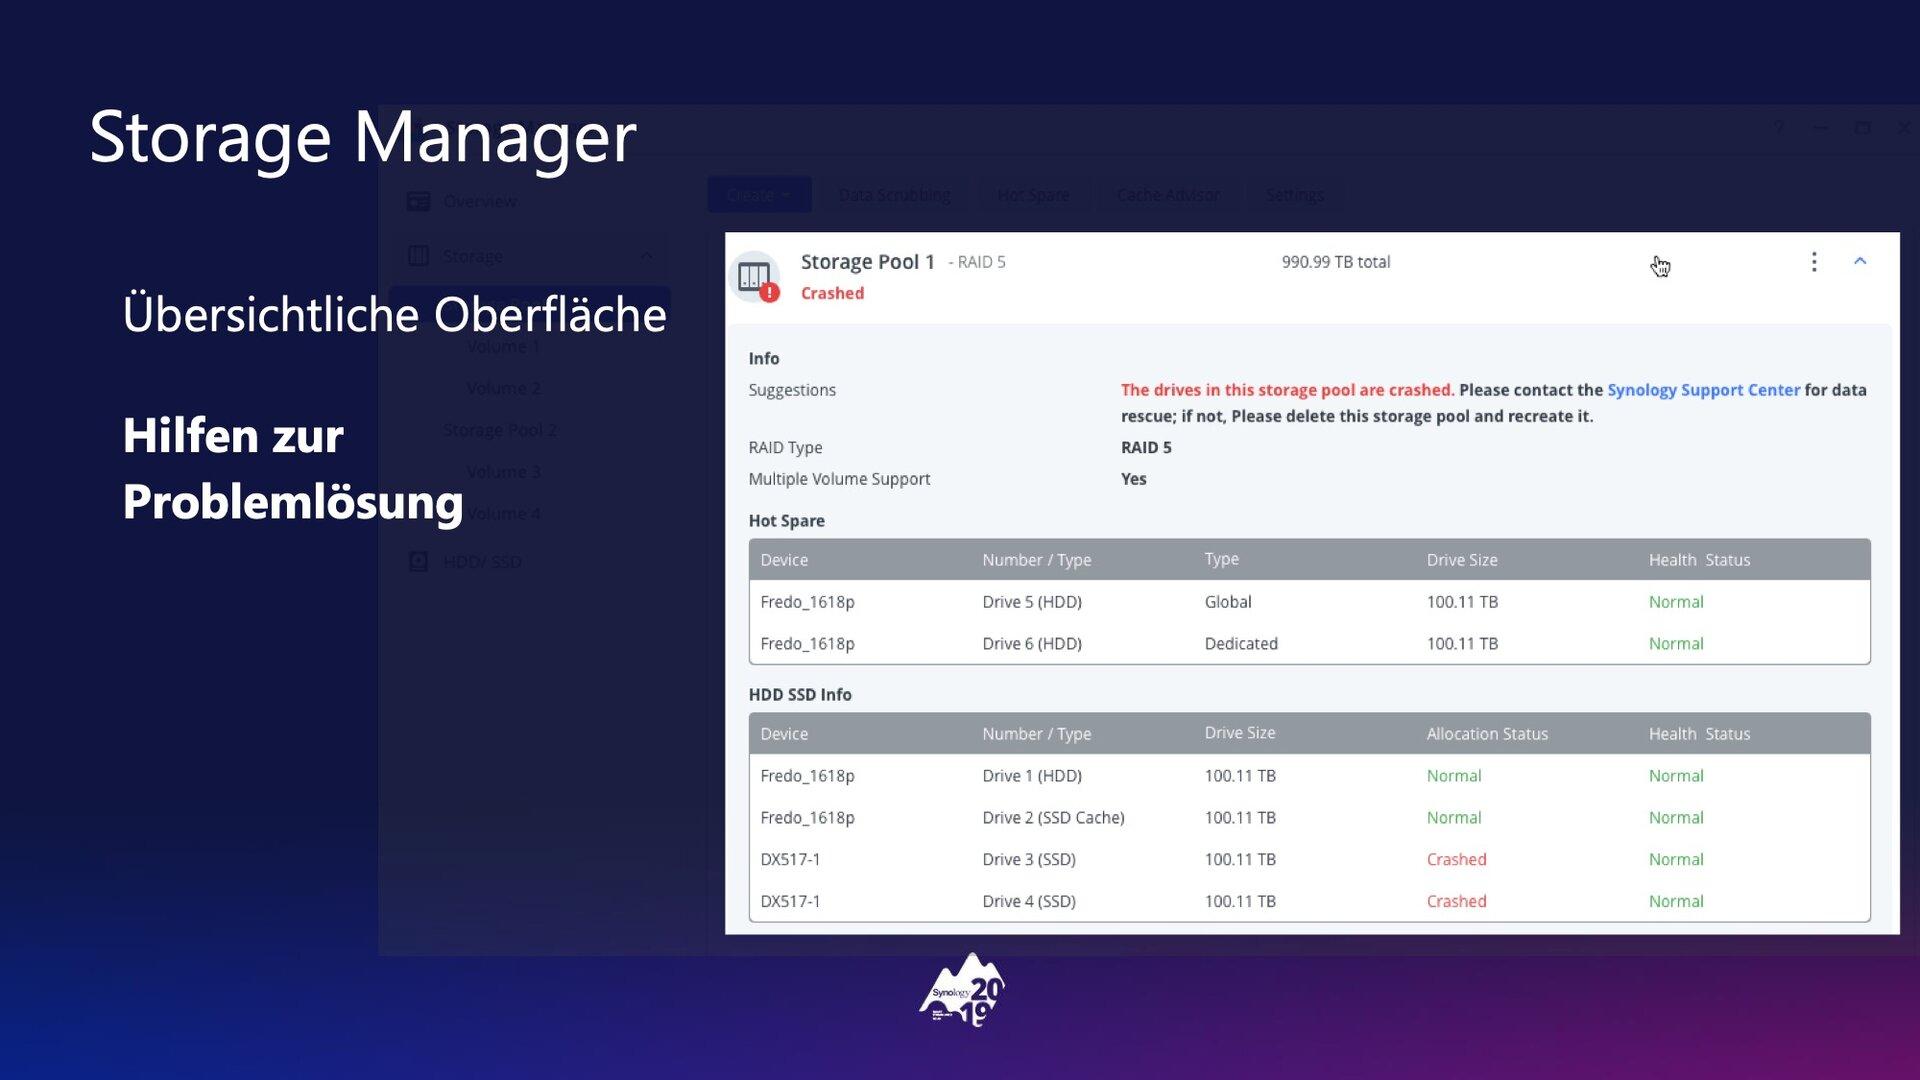 DSM 7.0: Storage Manager